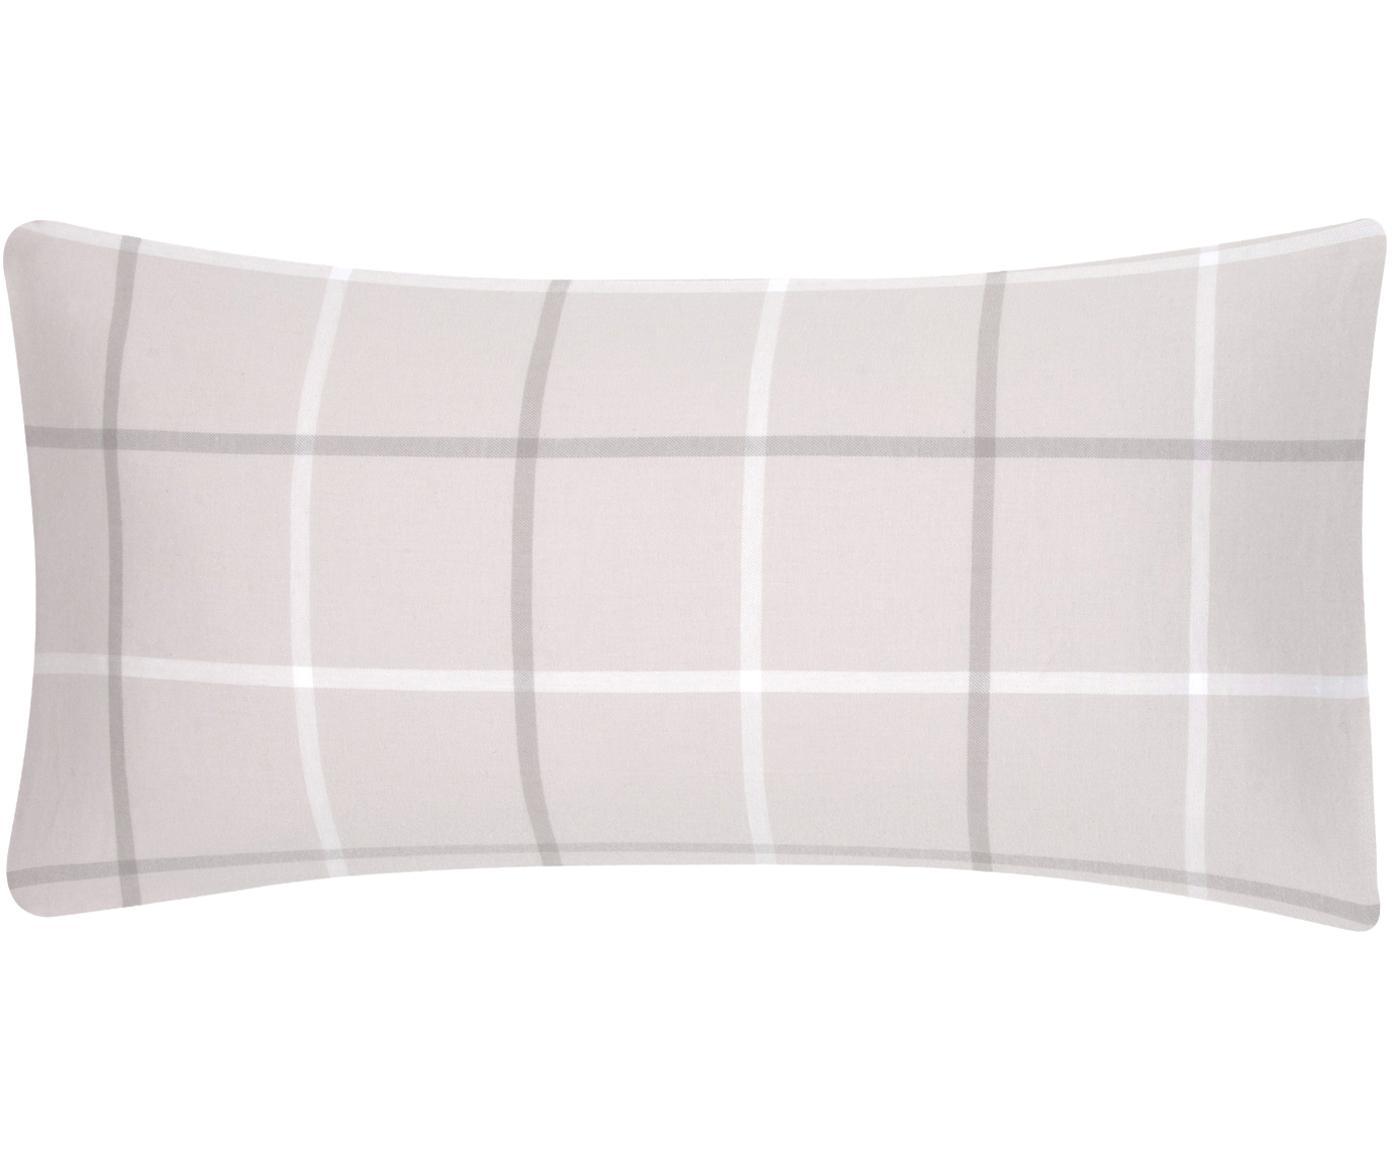 Flanell-Kissenbezüge Rafa, kariert, 2 Stück, Webart: Flanell Flanell ist ein s, Beige, 40 x 80 cm